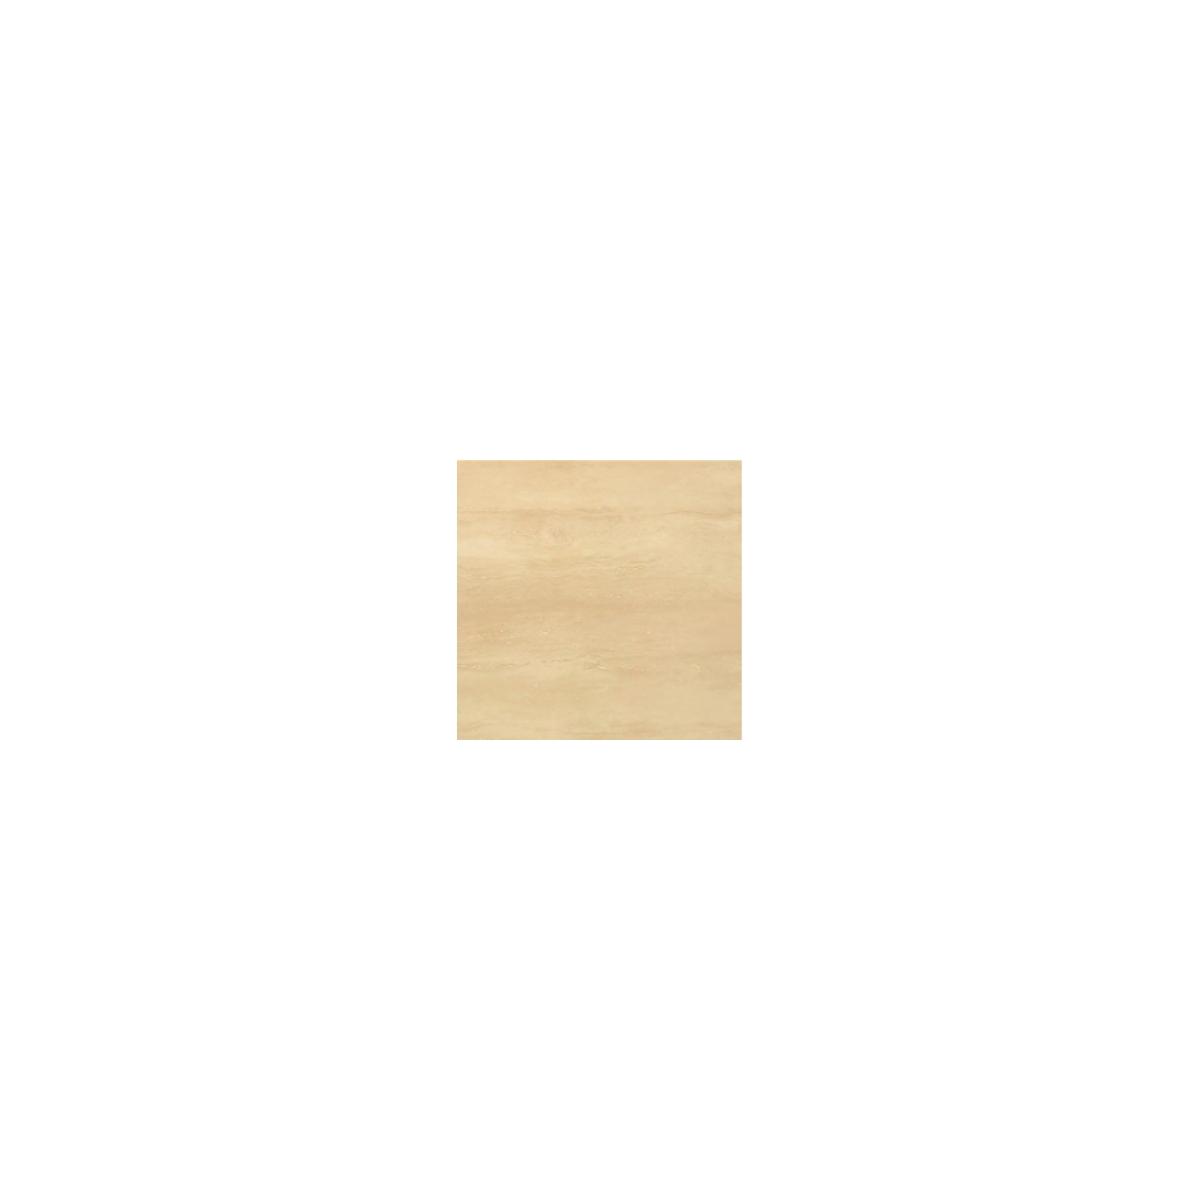 Navona Gleam Noce 45X45 (caja de 1 m2)